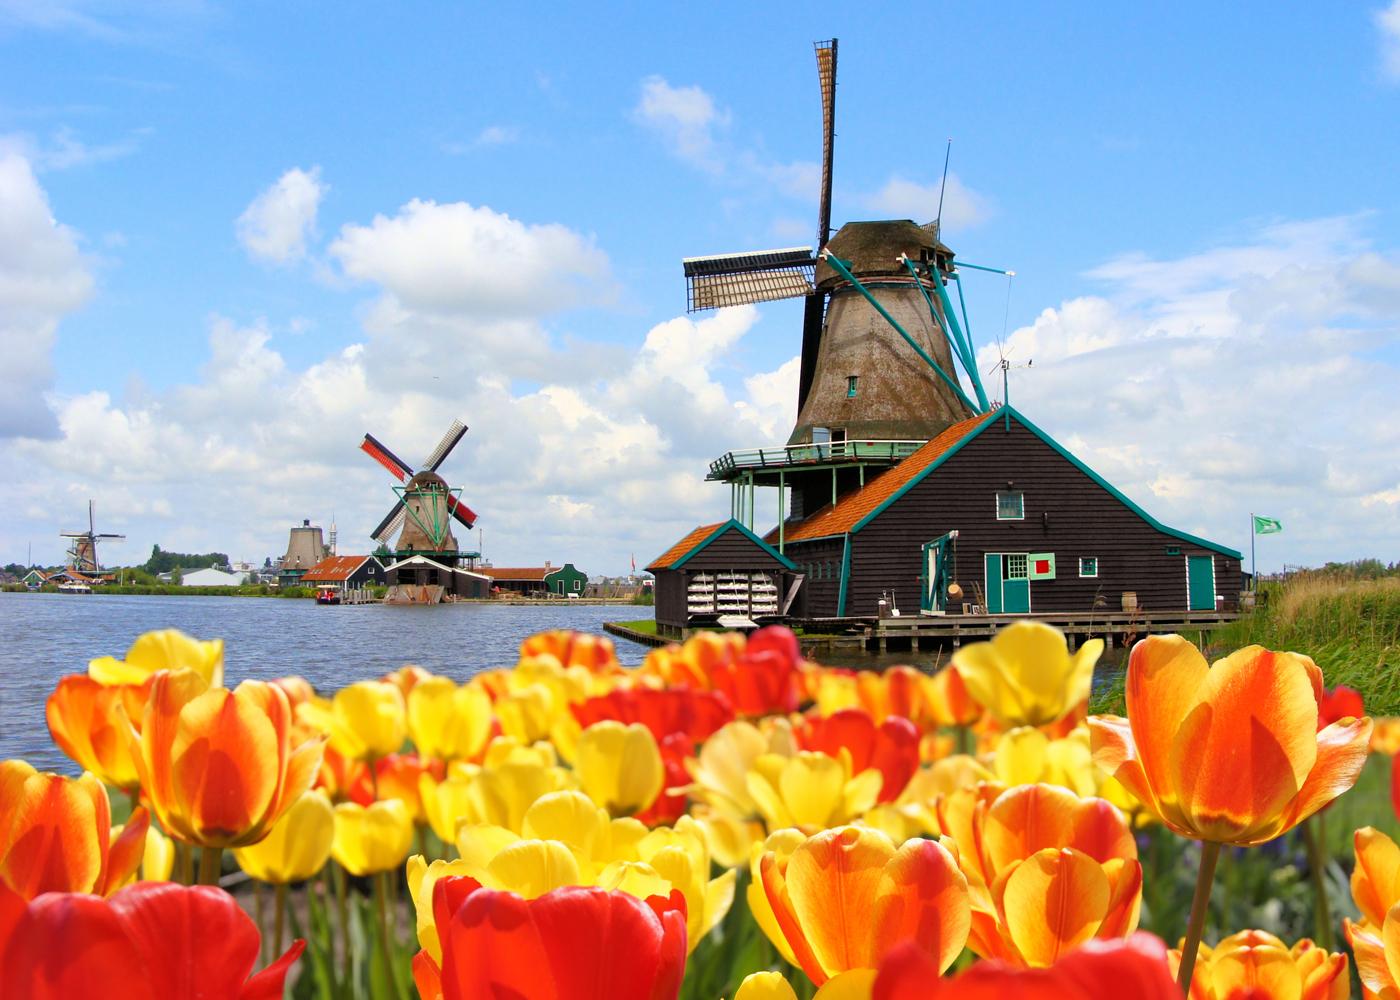 Відтепер Нідерланди: країна тюльпанів з 1 січня офіційно відмовилася від назви Голландія -  - 1461307457